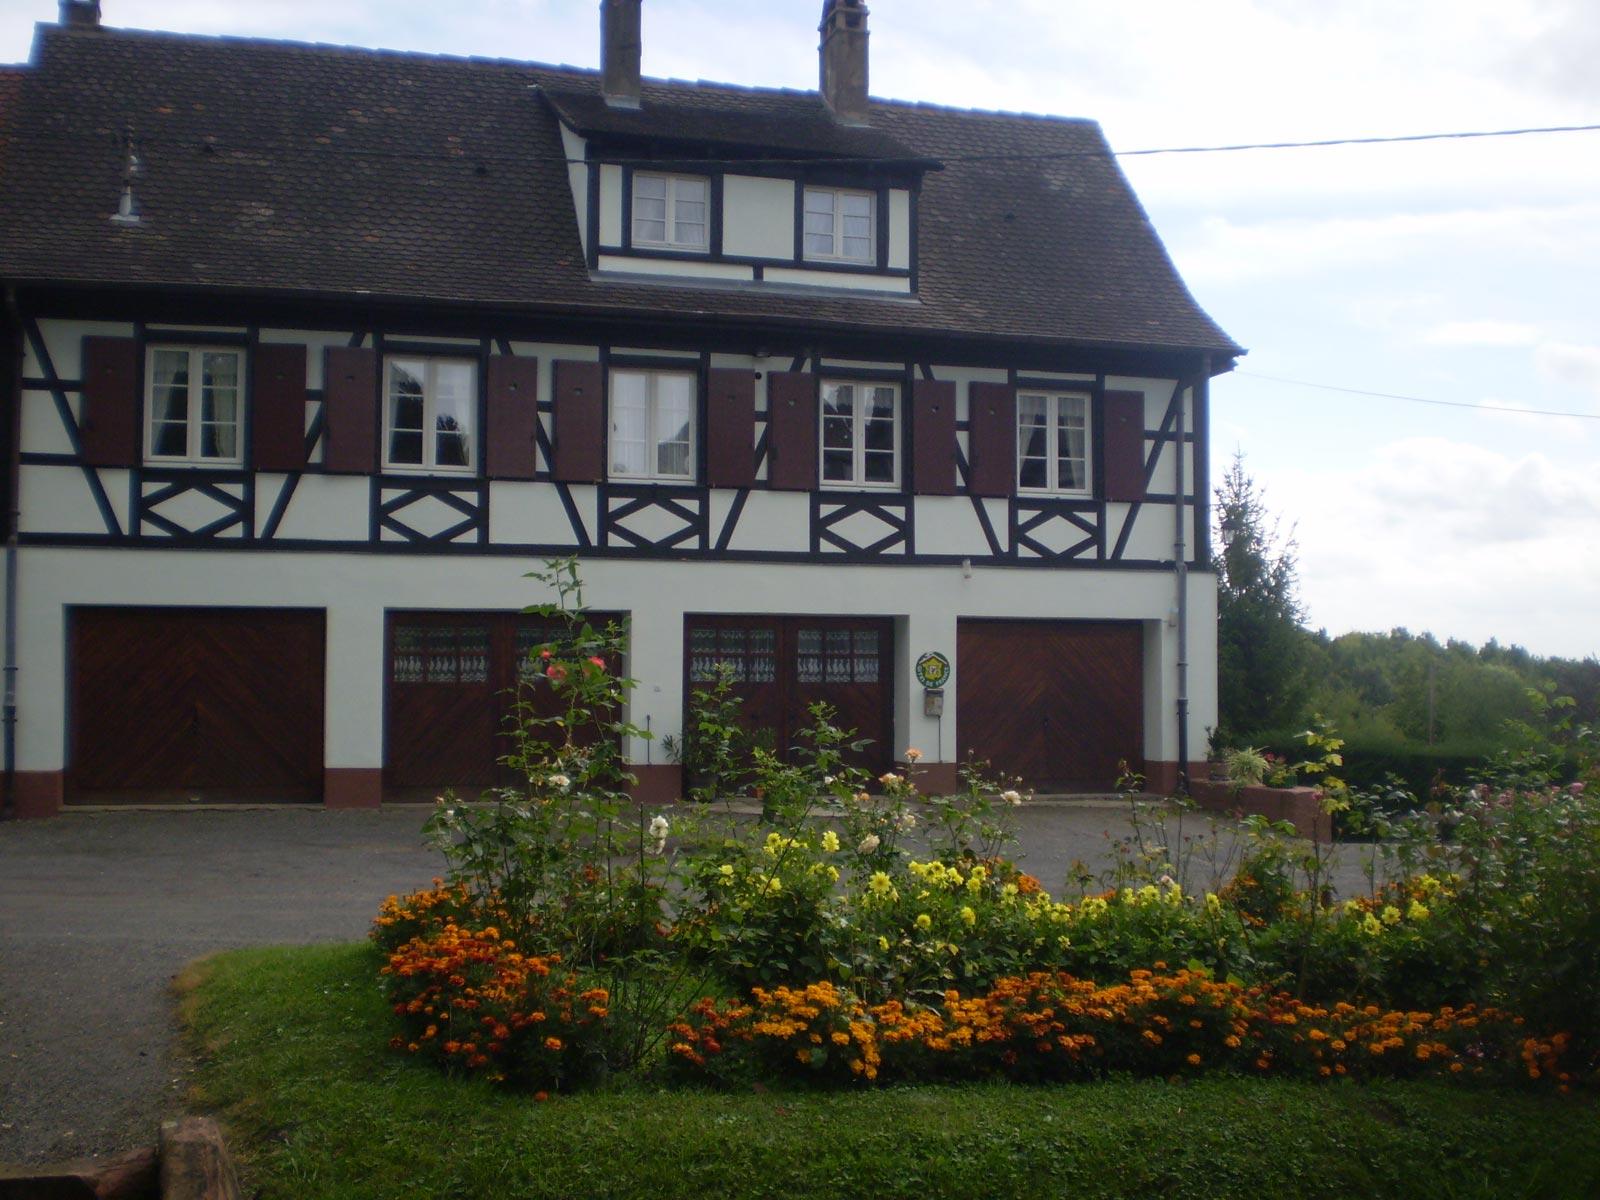 Gîte de France n° 1410, Niederbronn-les-Bains, Alsace, vue extérieure